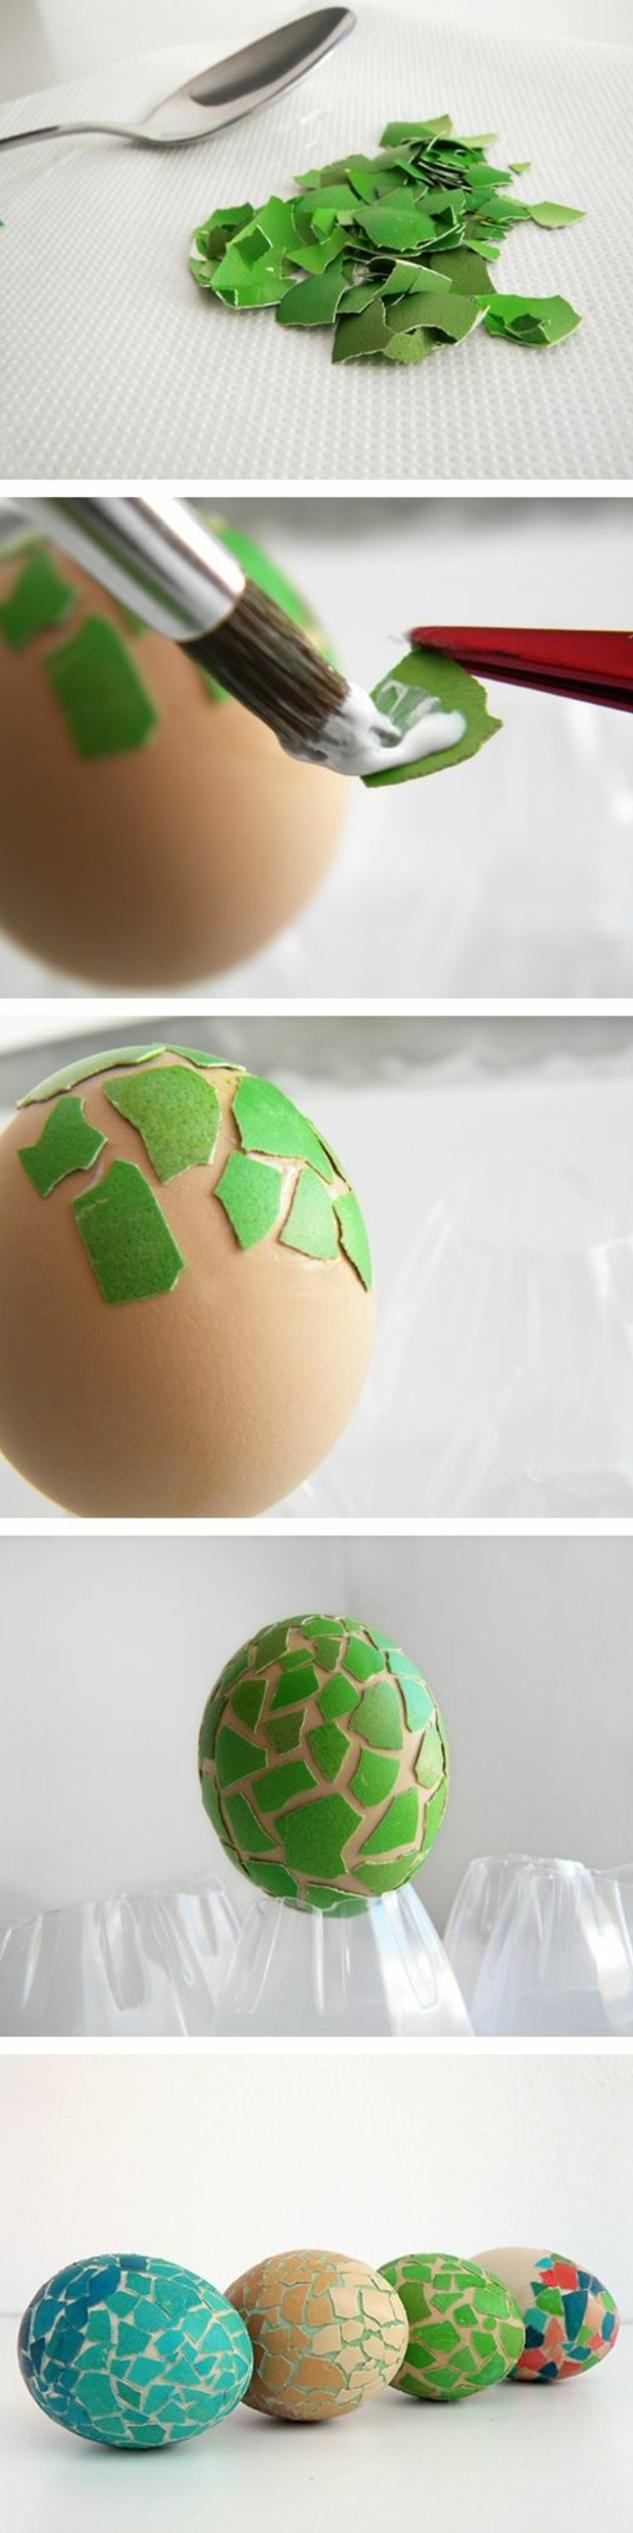 comment décorer un oeuf avec des morceaux de coquille d oeuf peints en vert, idée de bricolage avec des oeufs, tutoriel